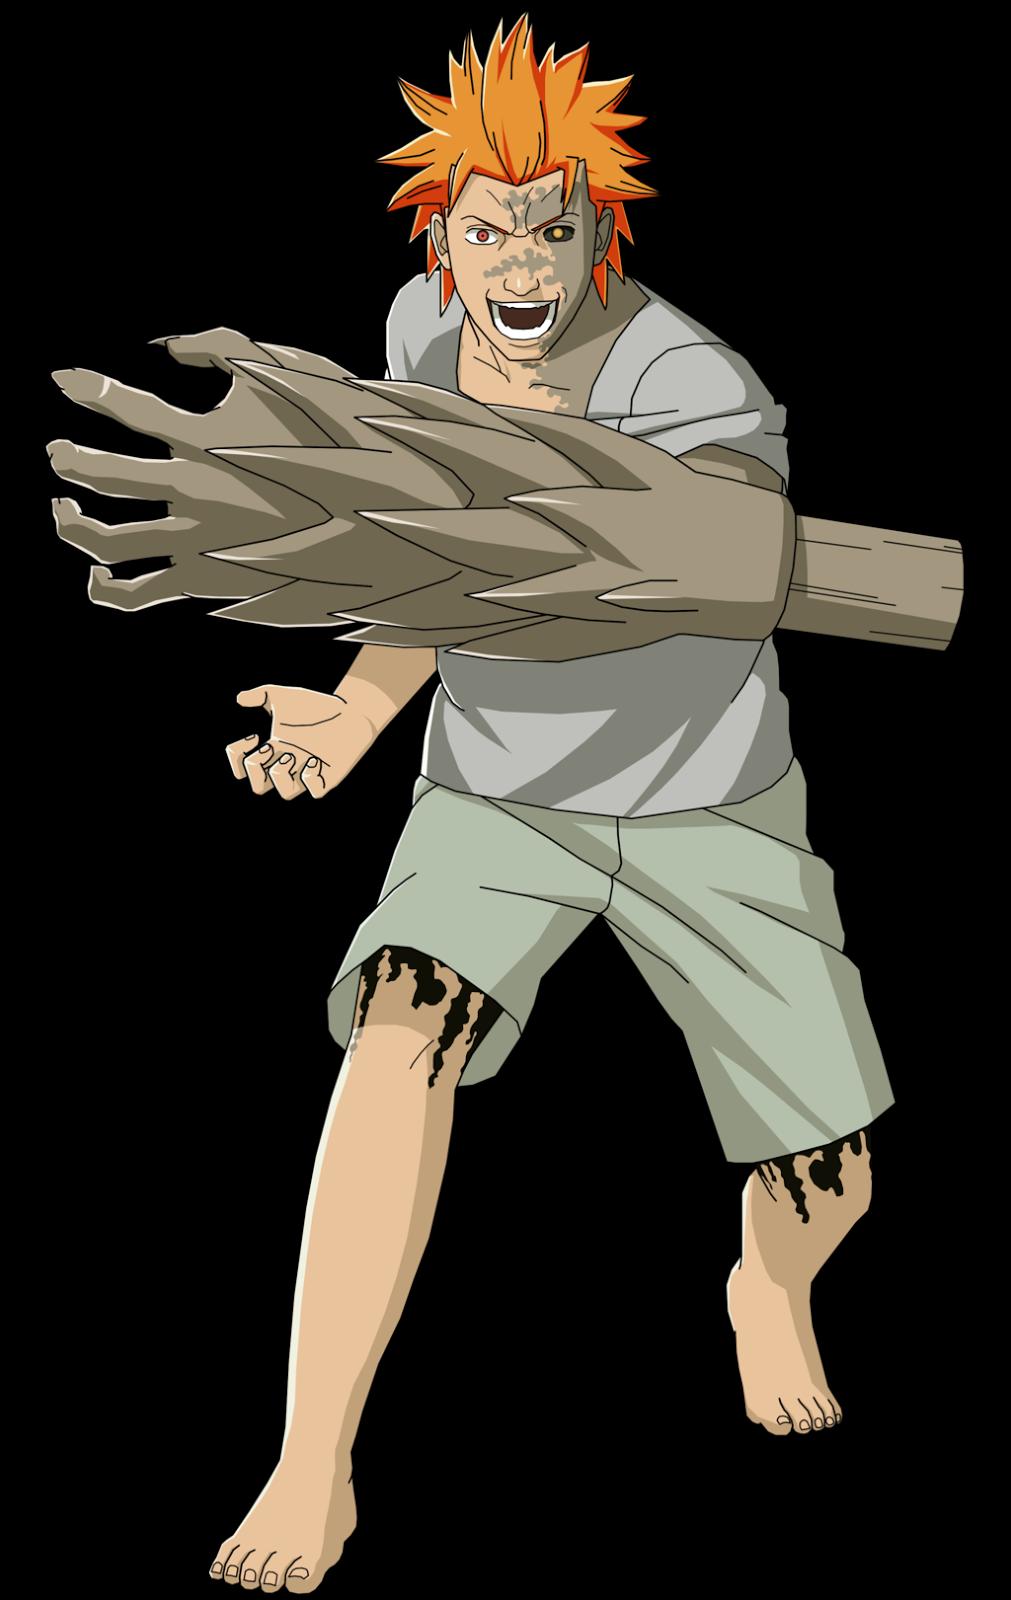 Naruto Shippuden : Otogakure & Shinobigakure - Chun Up IDEA